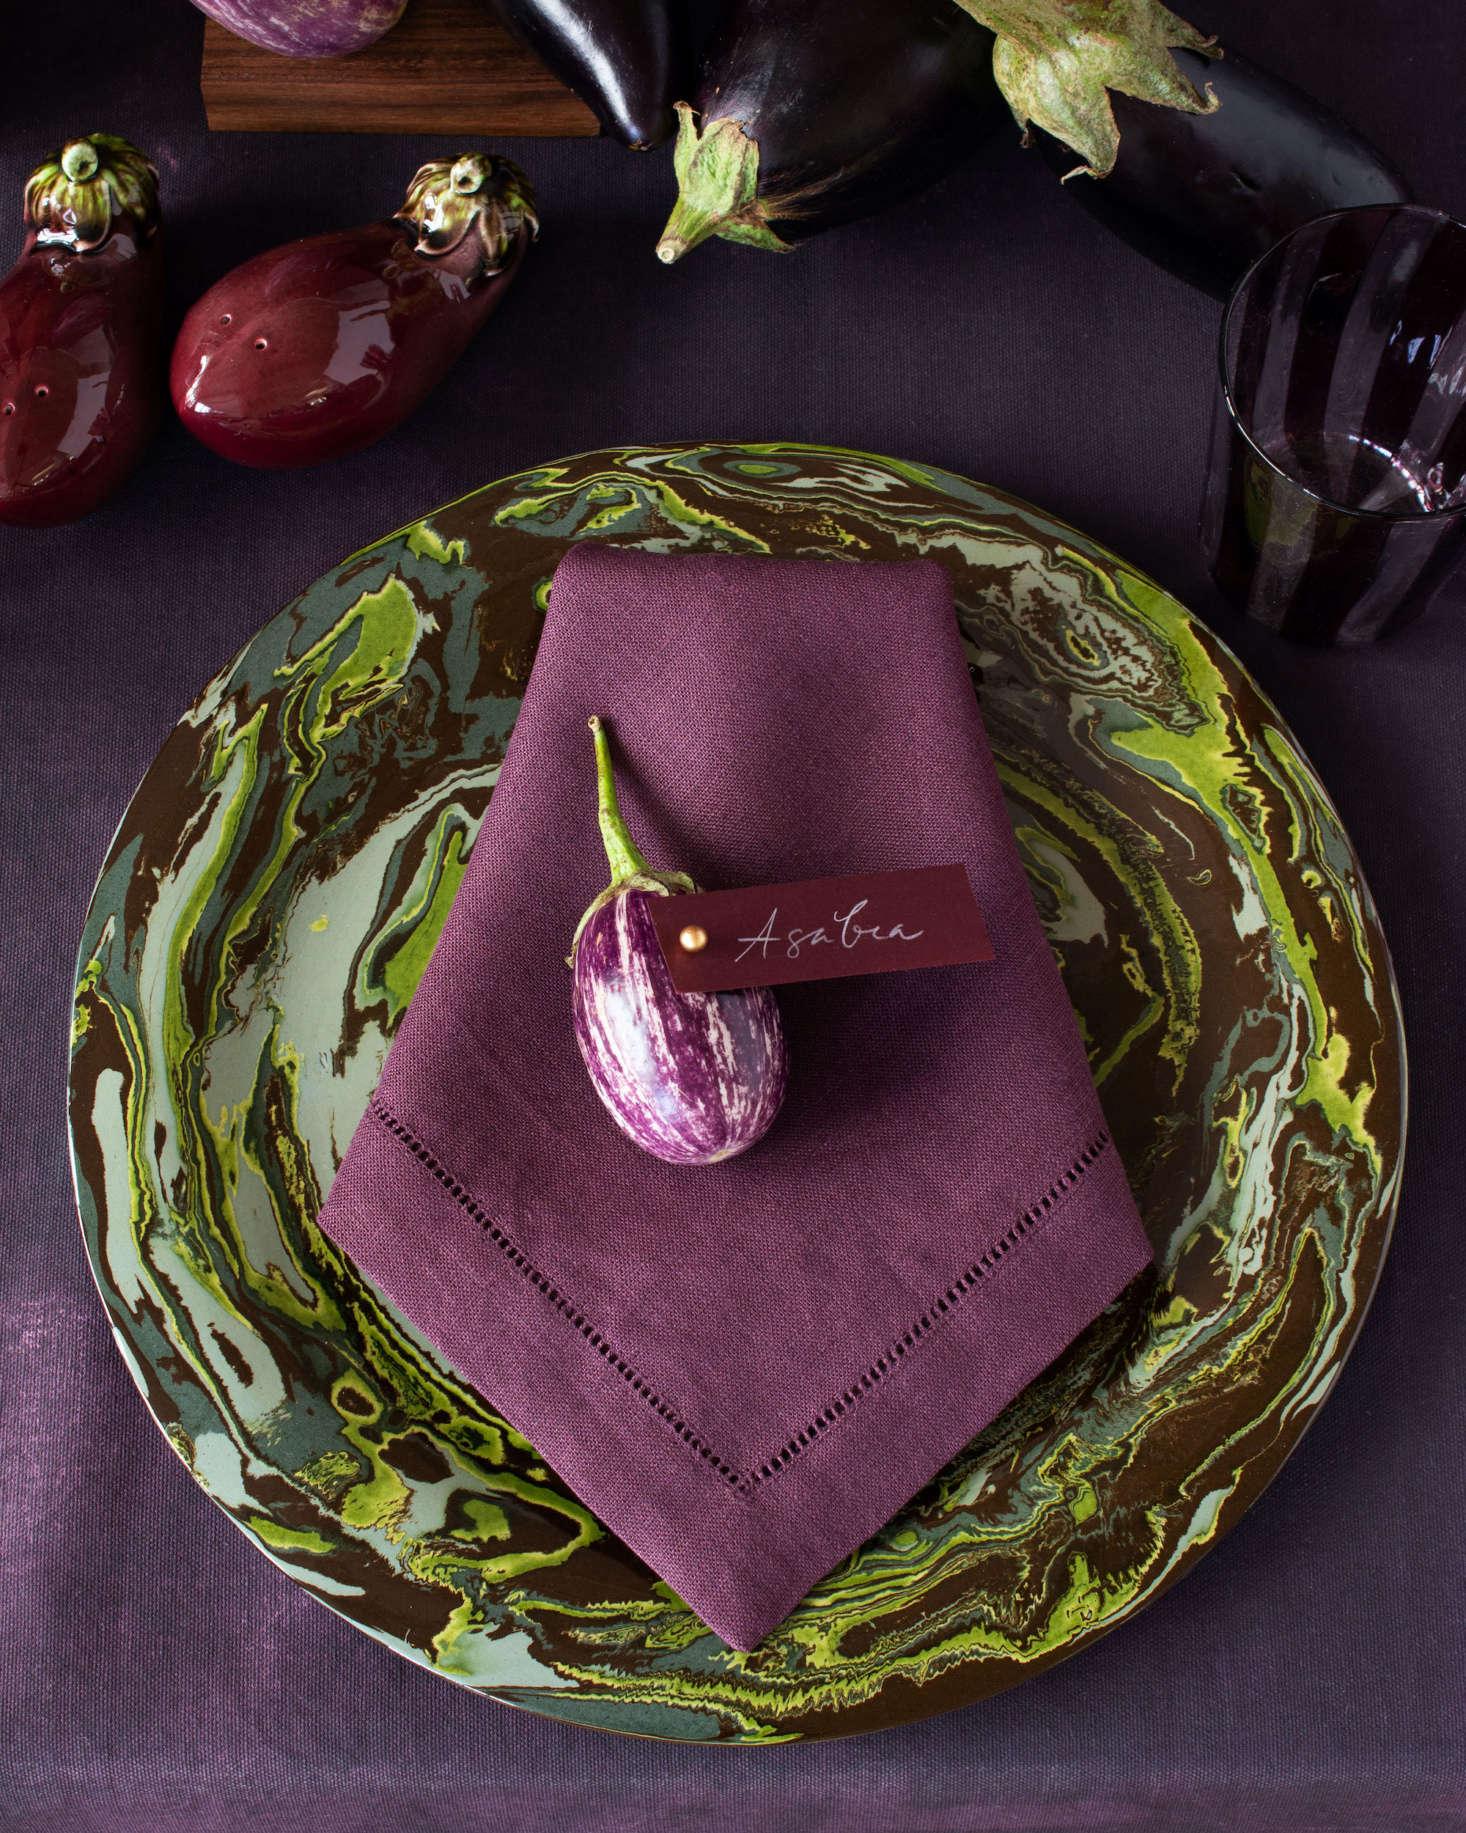 一个迷你玻璃的小女孩是个叫卡片的。餐巾,是葡萄干,从兰花上提取的!这酒店是圣安东尼斯提亚·巴斯。